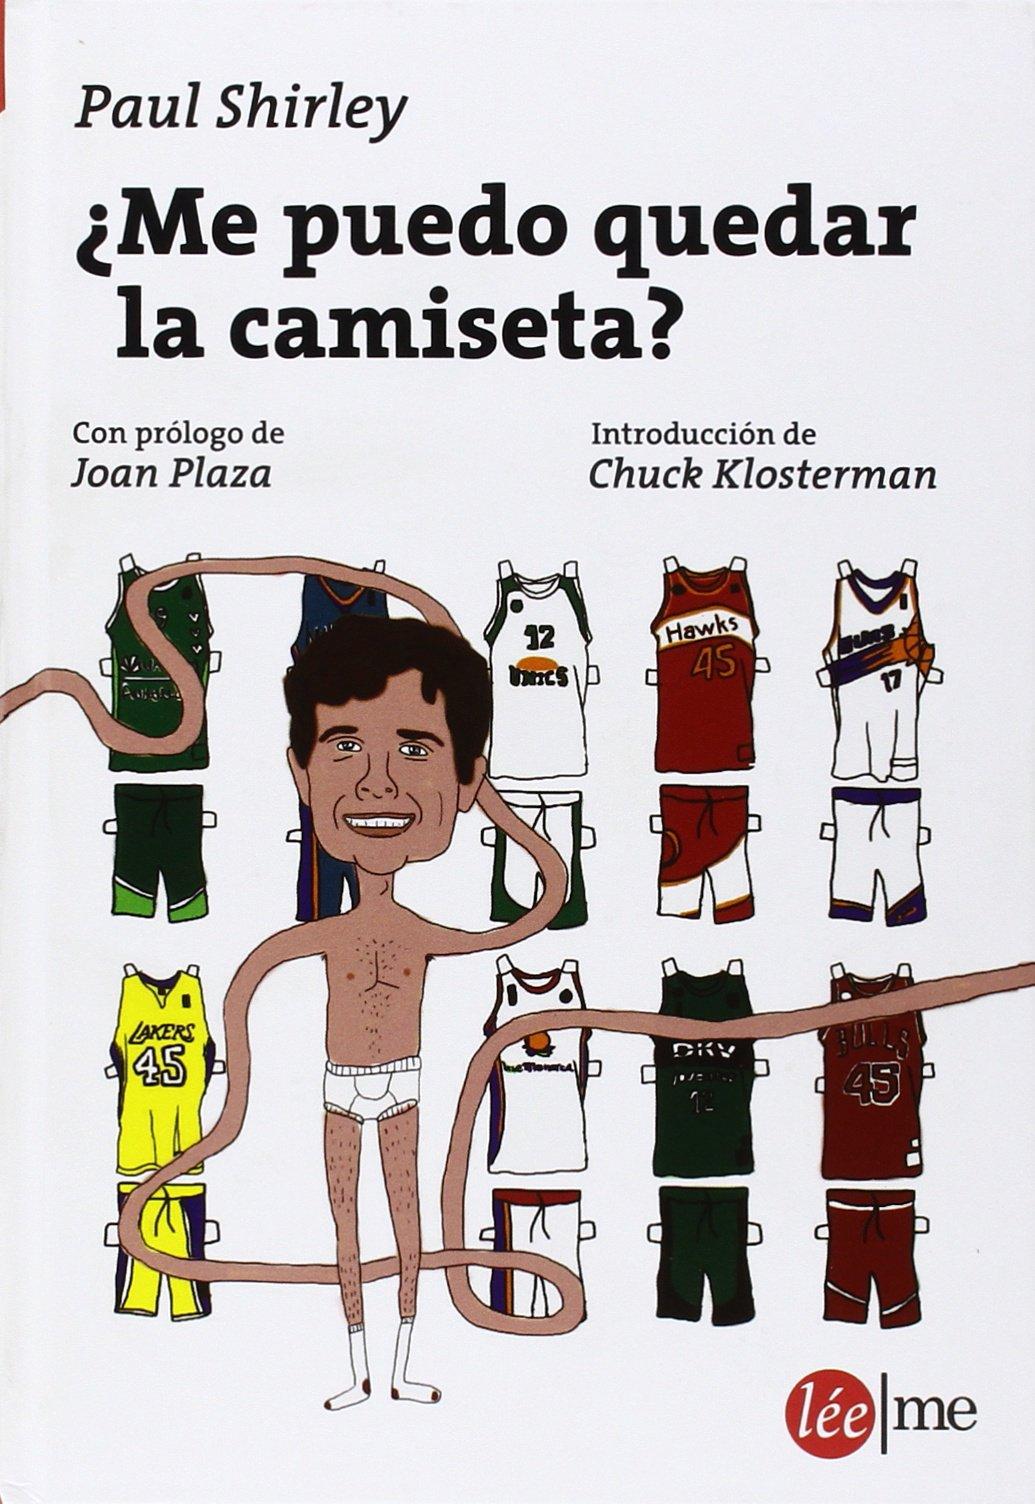 ¿Me puedo quedar la camiseta? (Ensayo): Amazon.es: Paul Shirley, Joan Plaza Durán, Chuck Klosterman: Libros